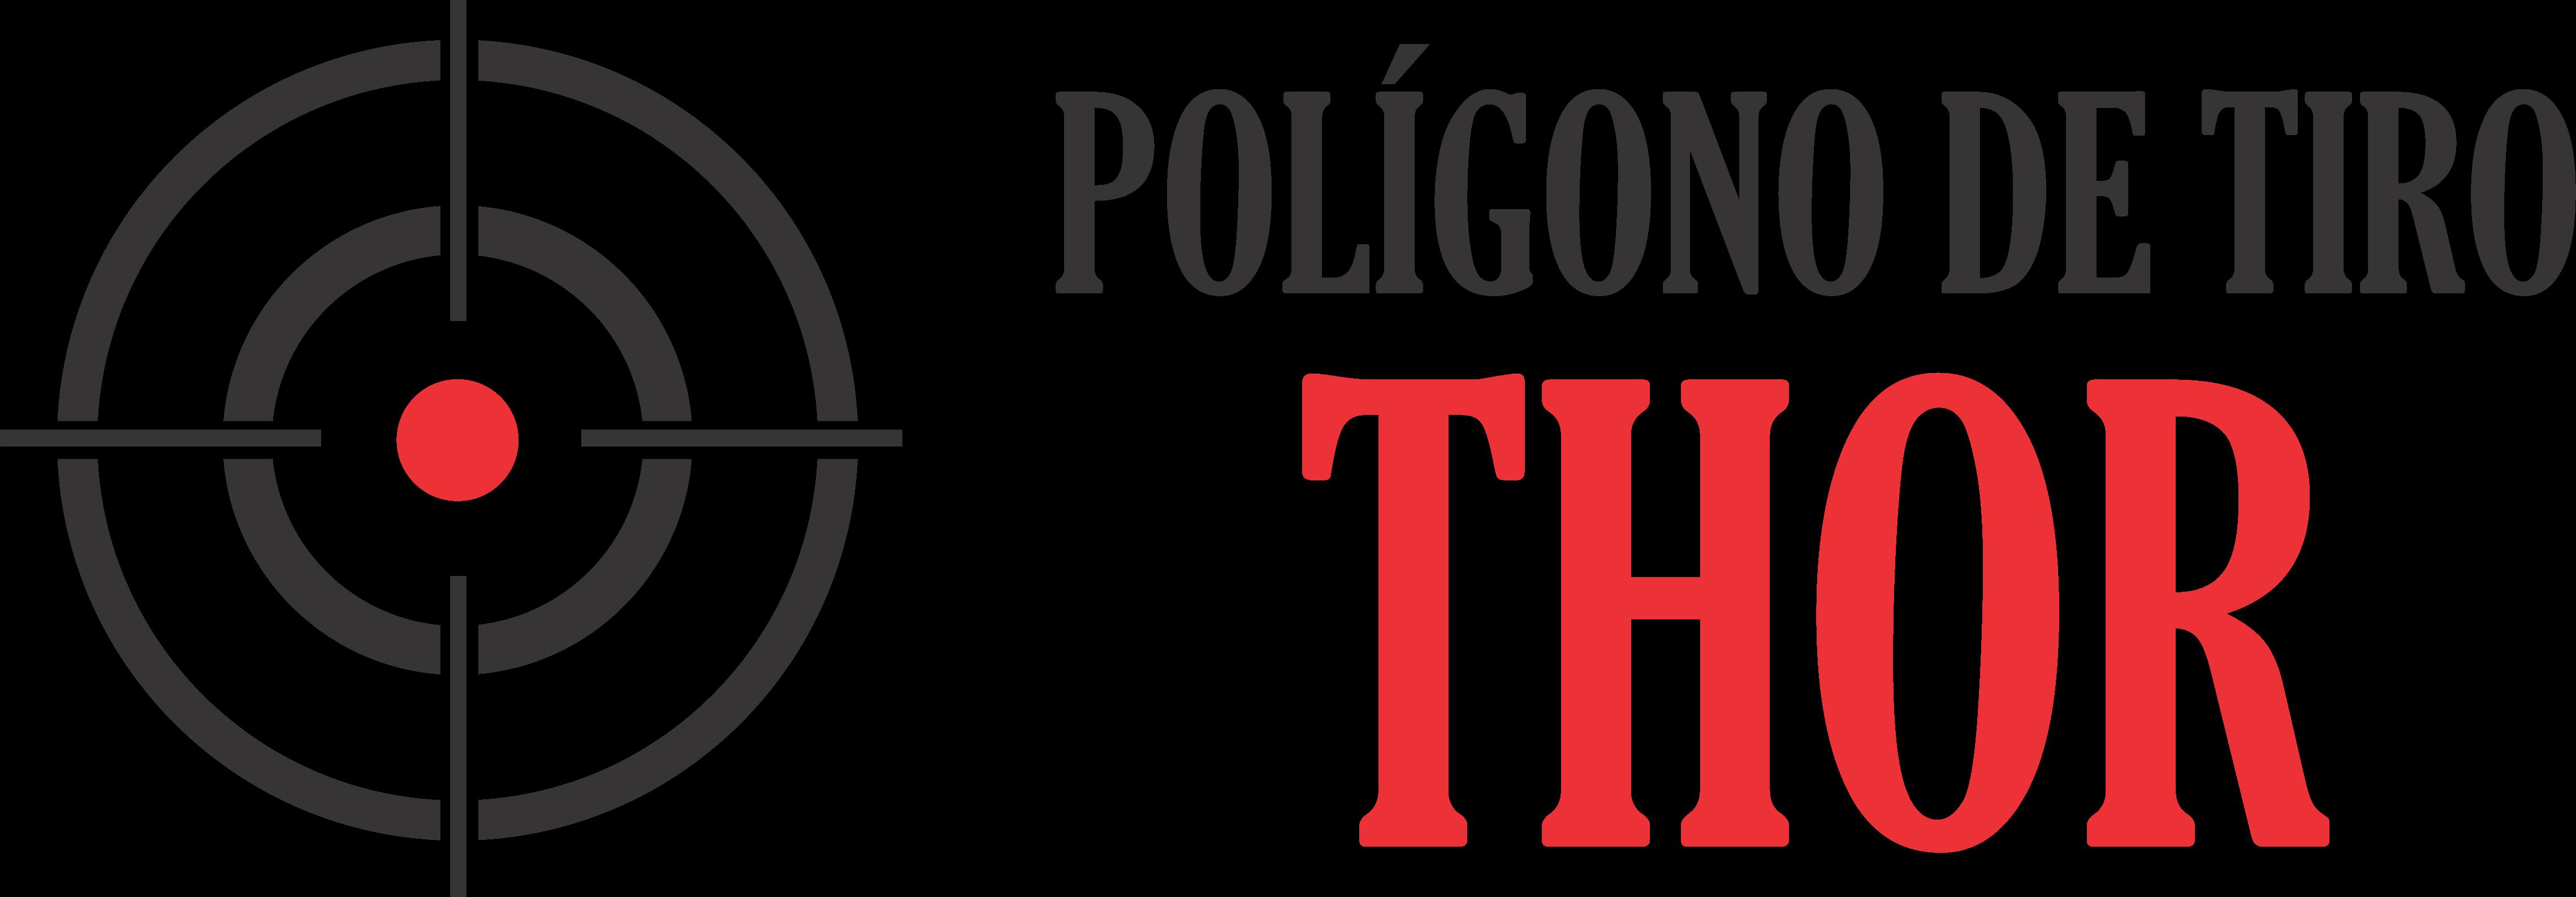 Poligonothor